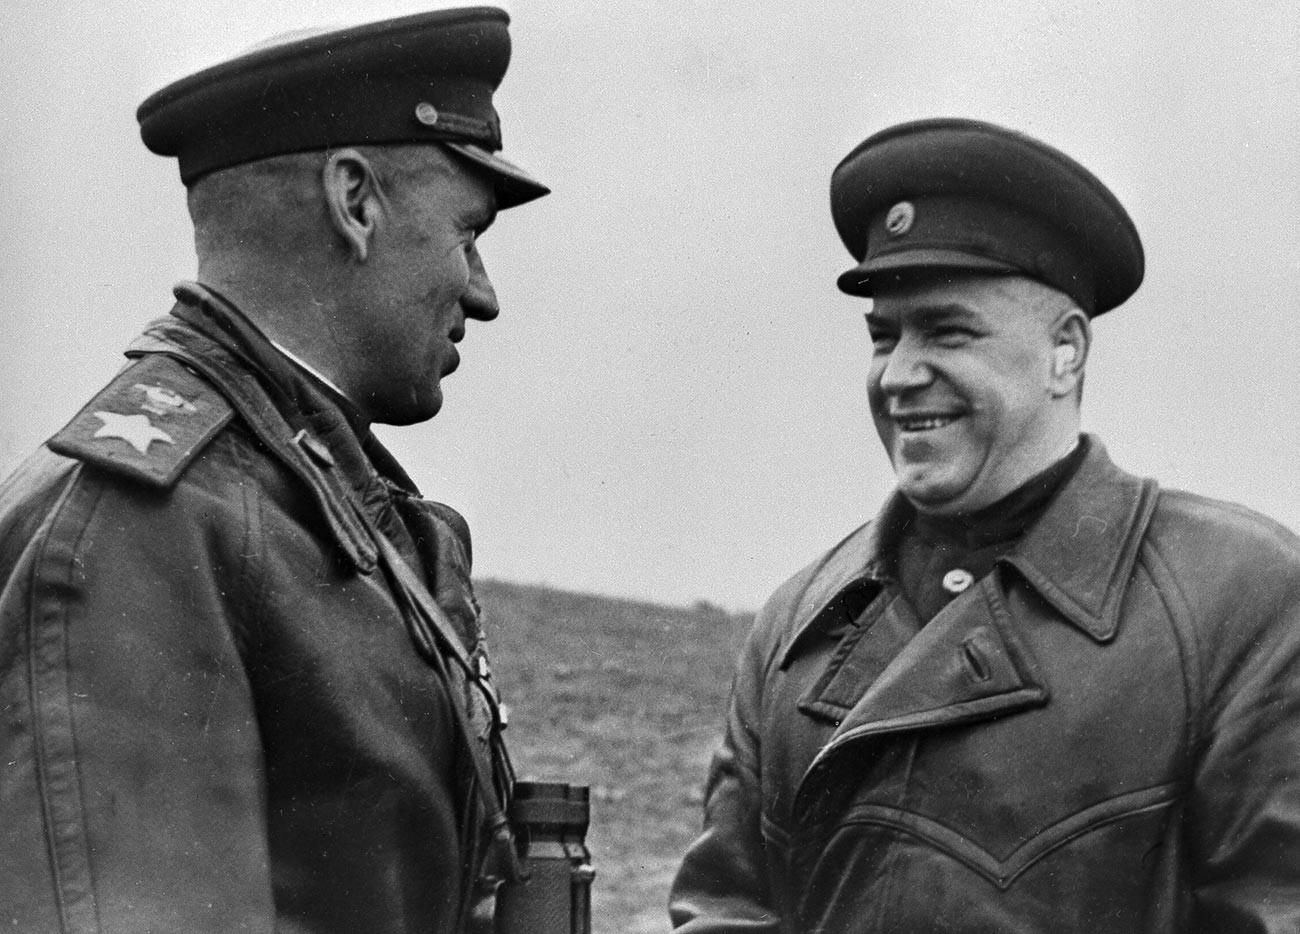 Командантот на Првиот белоруски фронт маршалот на Советскиот Сојуз Константин Рокосовски (лево) и претставникот на главниот штаб маршалот на Советскиот Сојуз Георгиј Жуков во Полска.